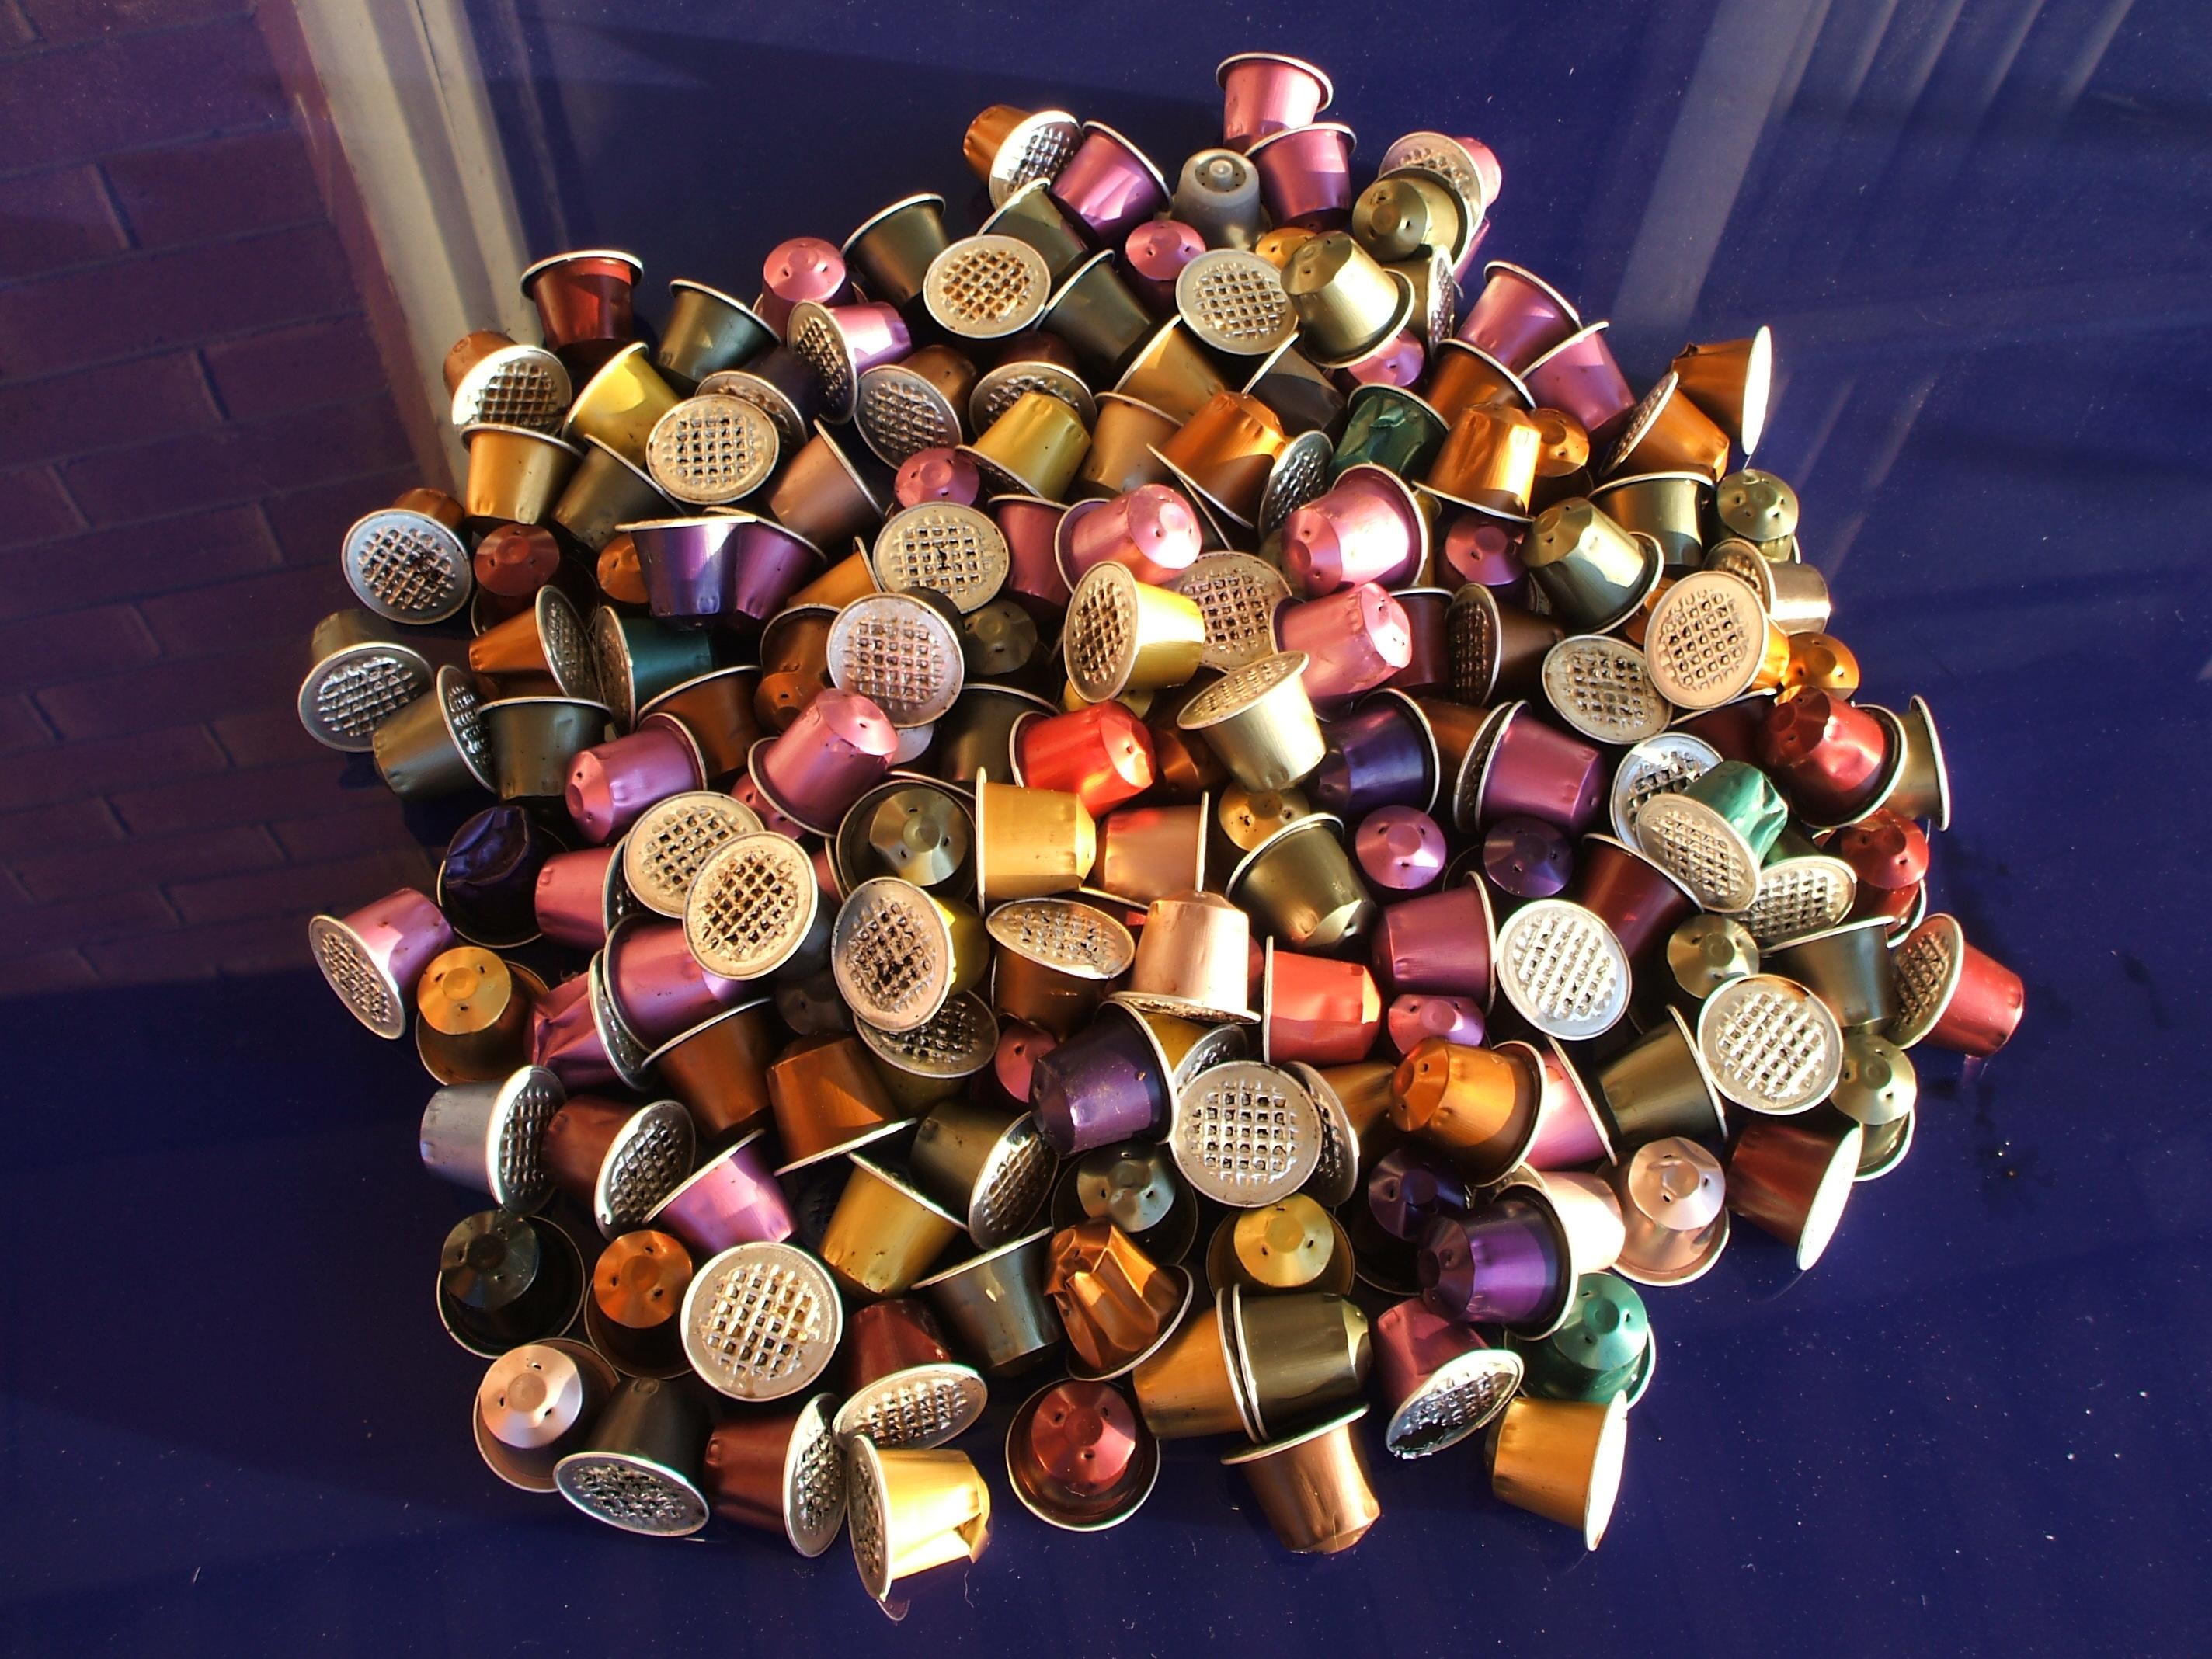 Walter Magnus e l' invenzione per riciclare le capsule di caffè 2